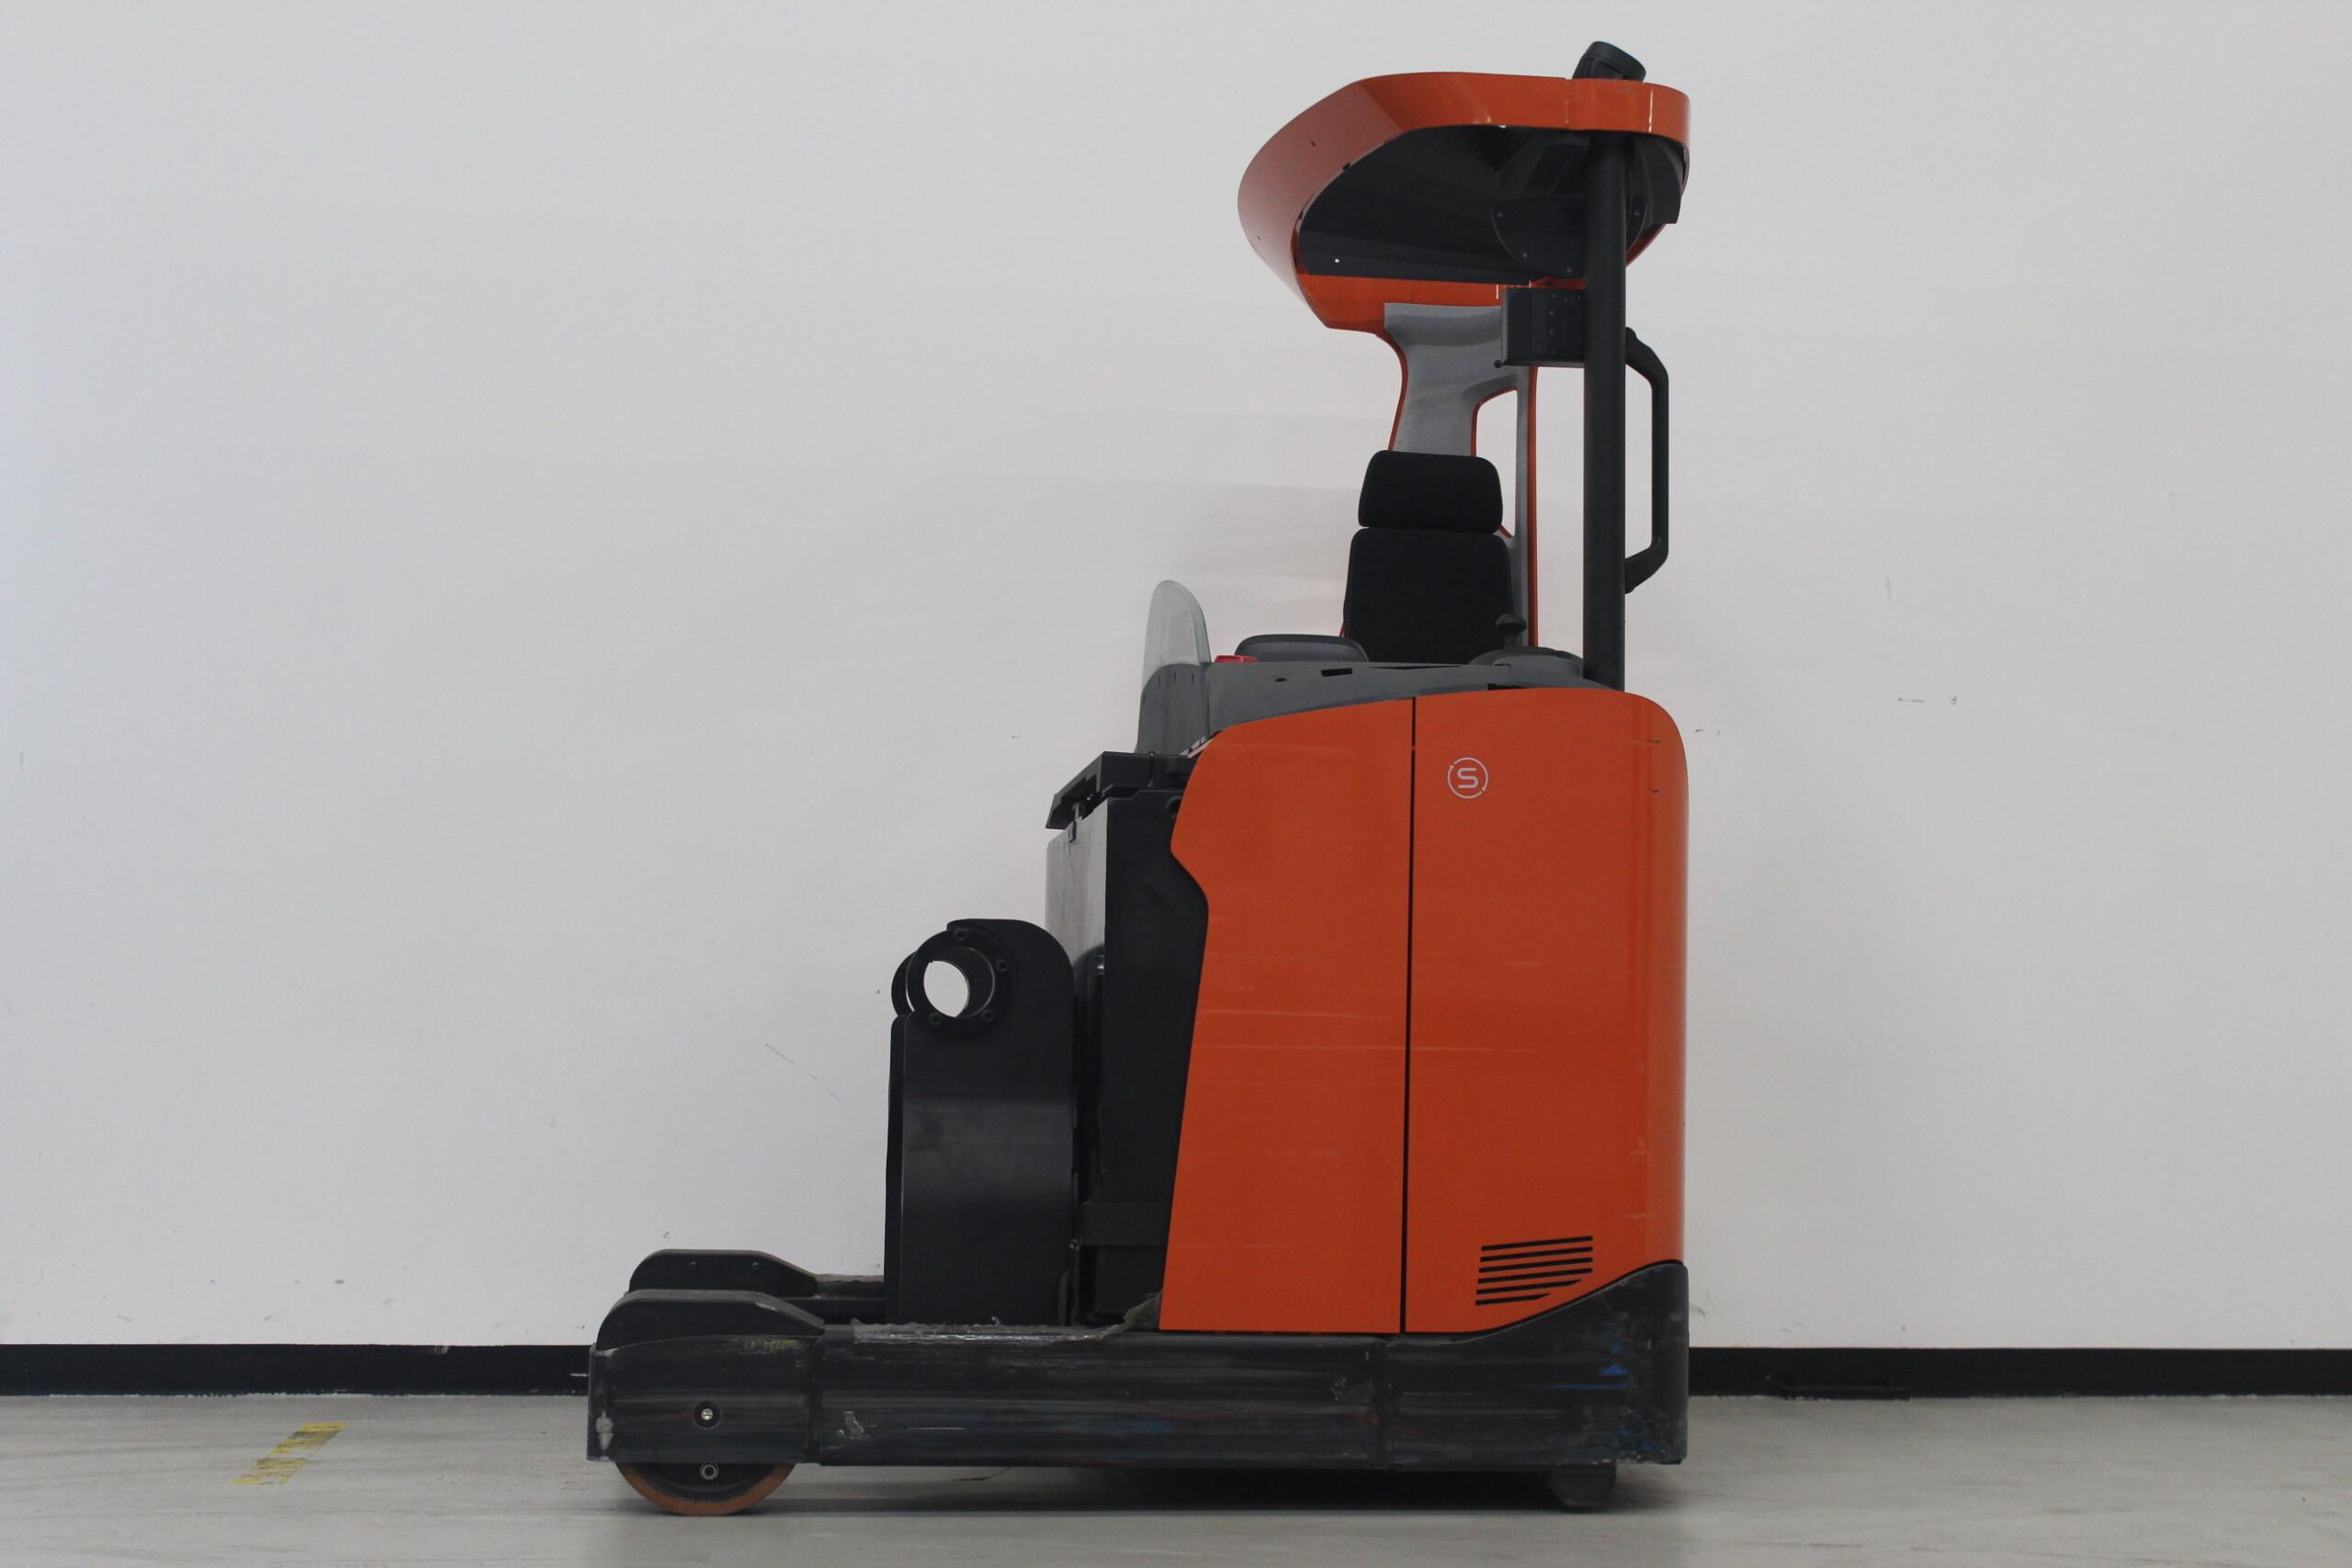 Toyota-Gabelstapler-59840 1905038860 1 93 scaled